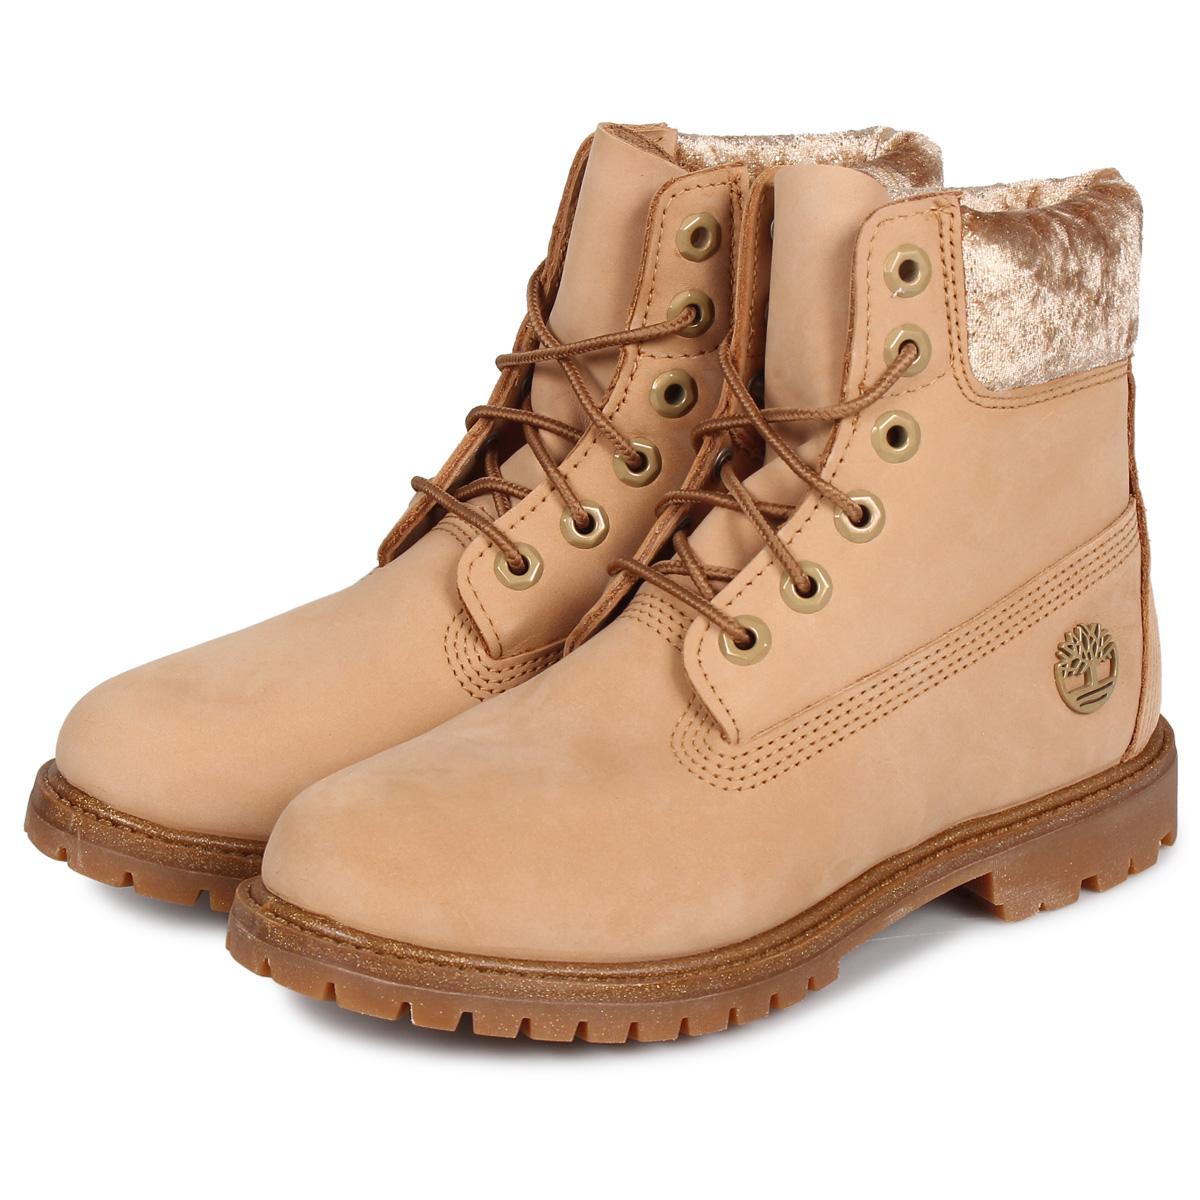 Timberland WOMENS ICON 6INCH F/L WATERPROOF BOOTS ティンバーランド ブーツ 6インチ ウォータープルーフ レディース ベージュ A21XE